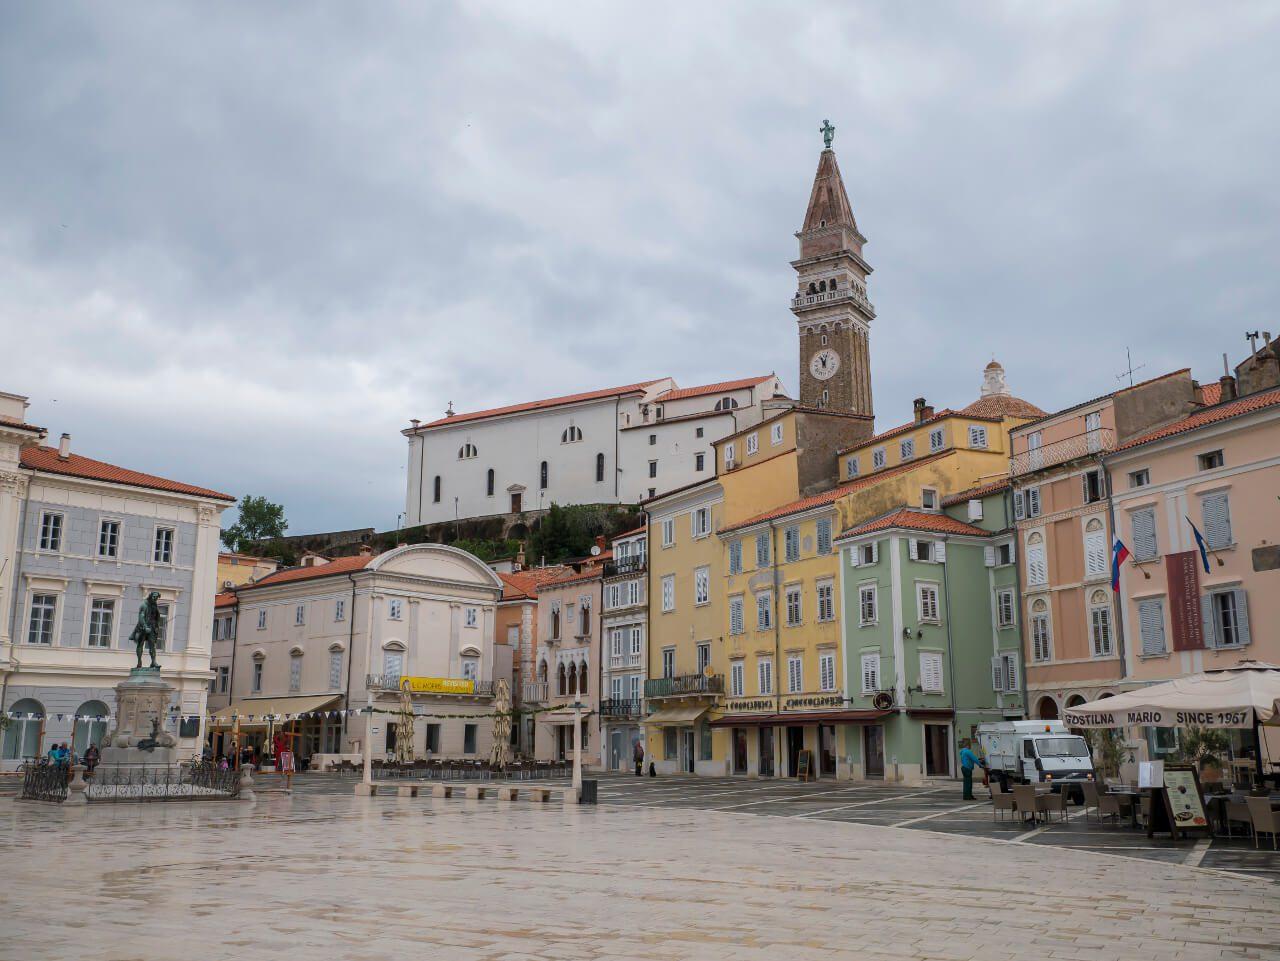 Plac Tartiniego z widoczną wieżą kościoła św. Jerzego